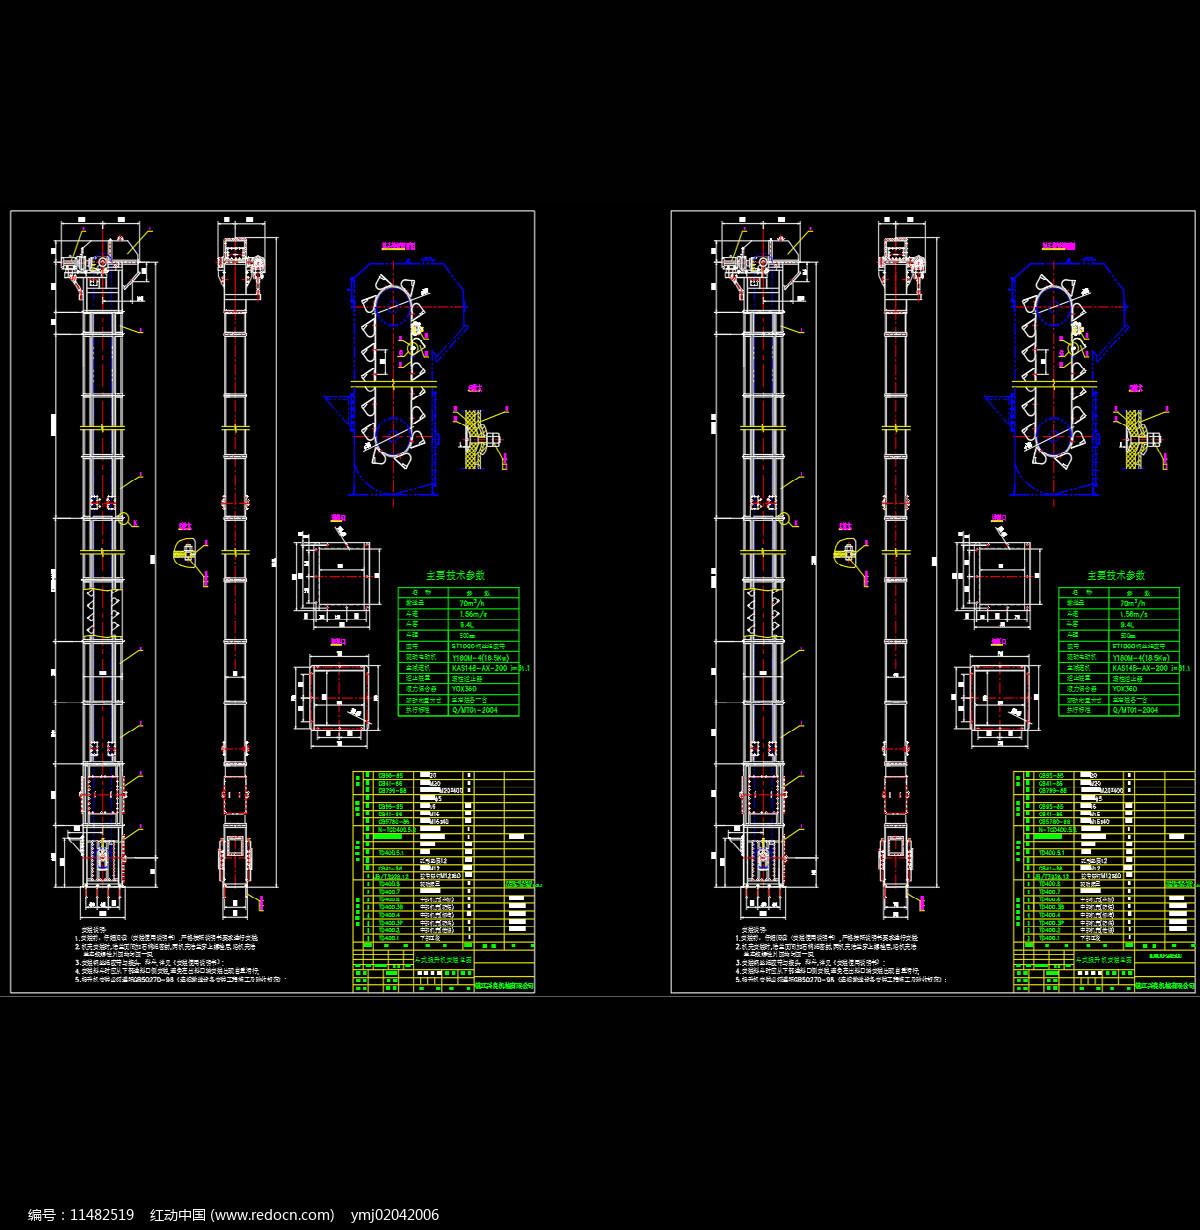 机械工业效果展示CAD机械图纸图片